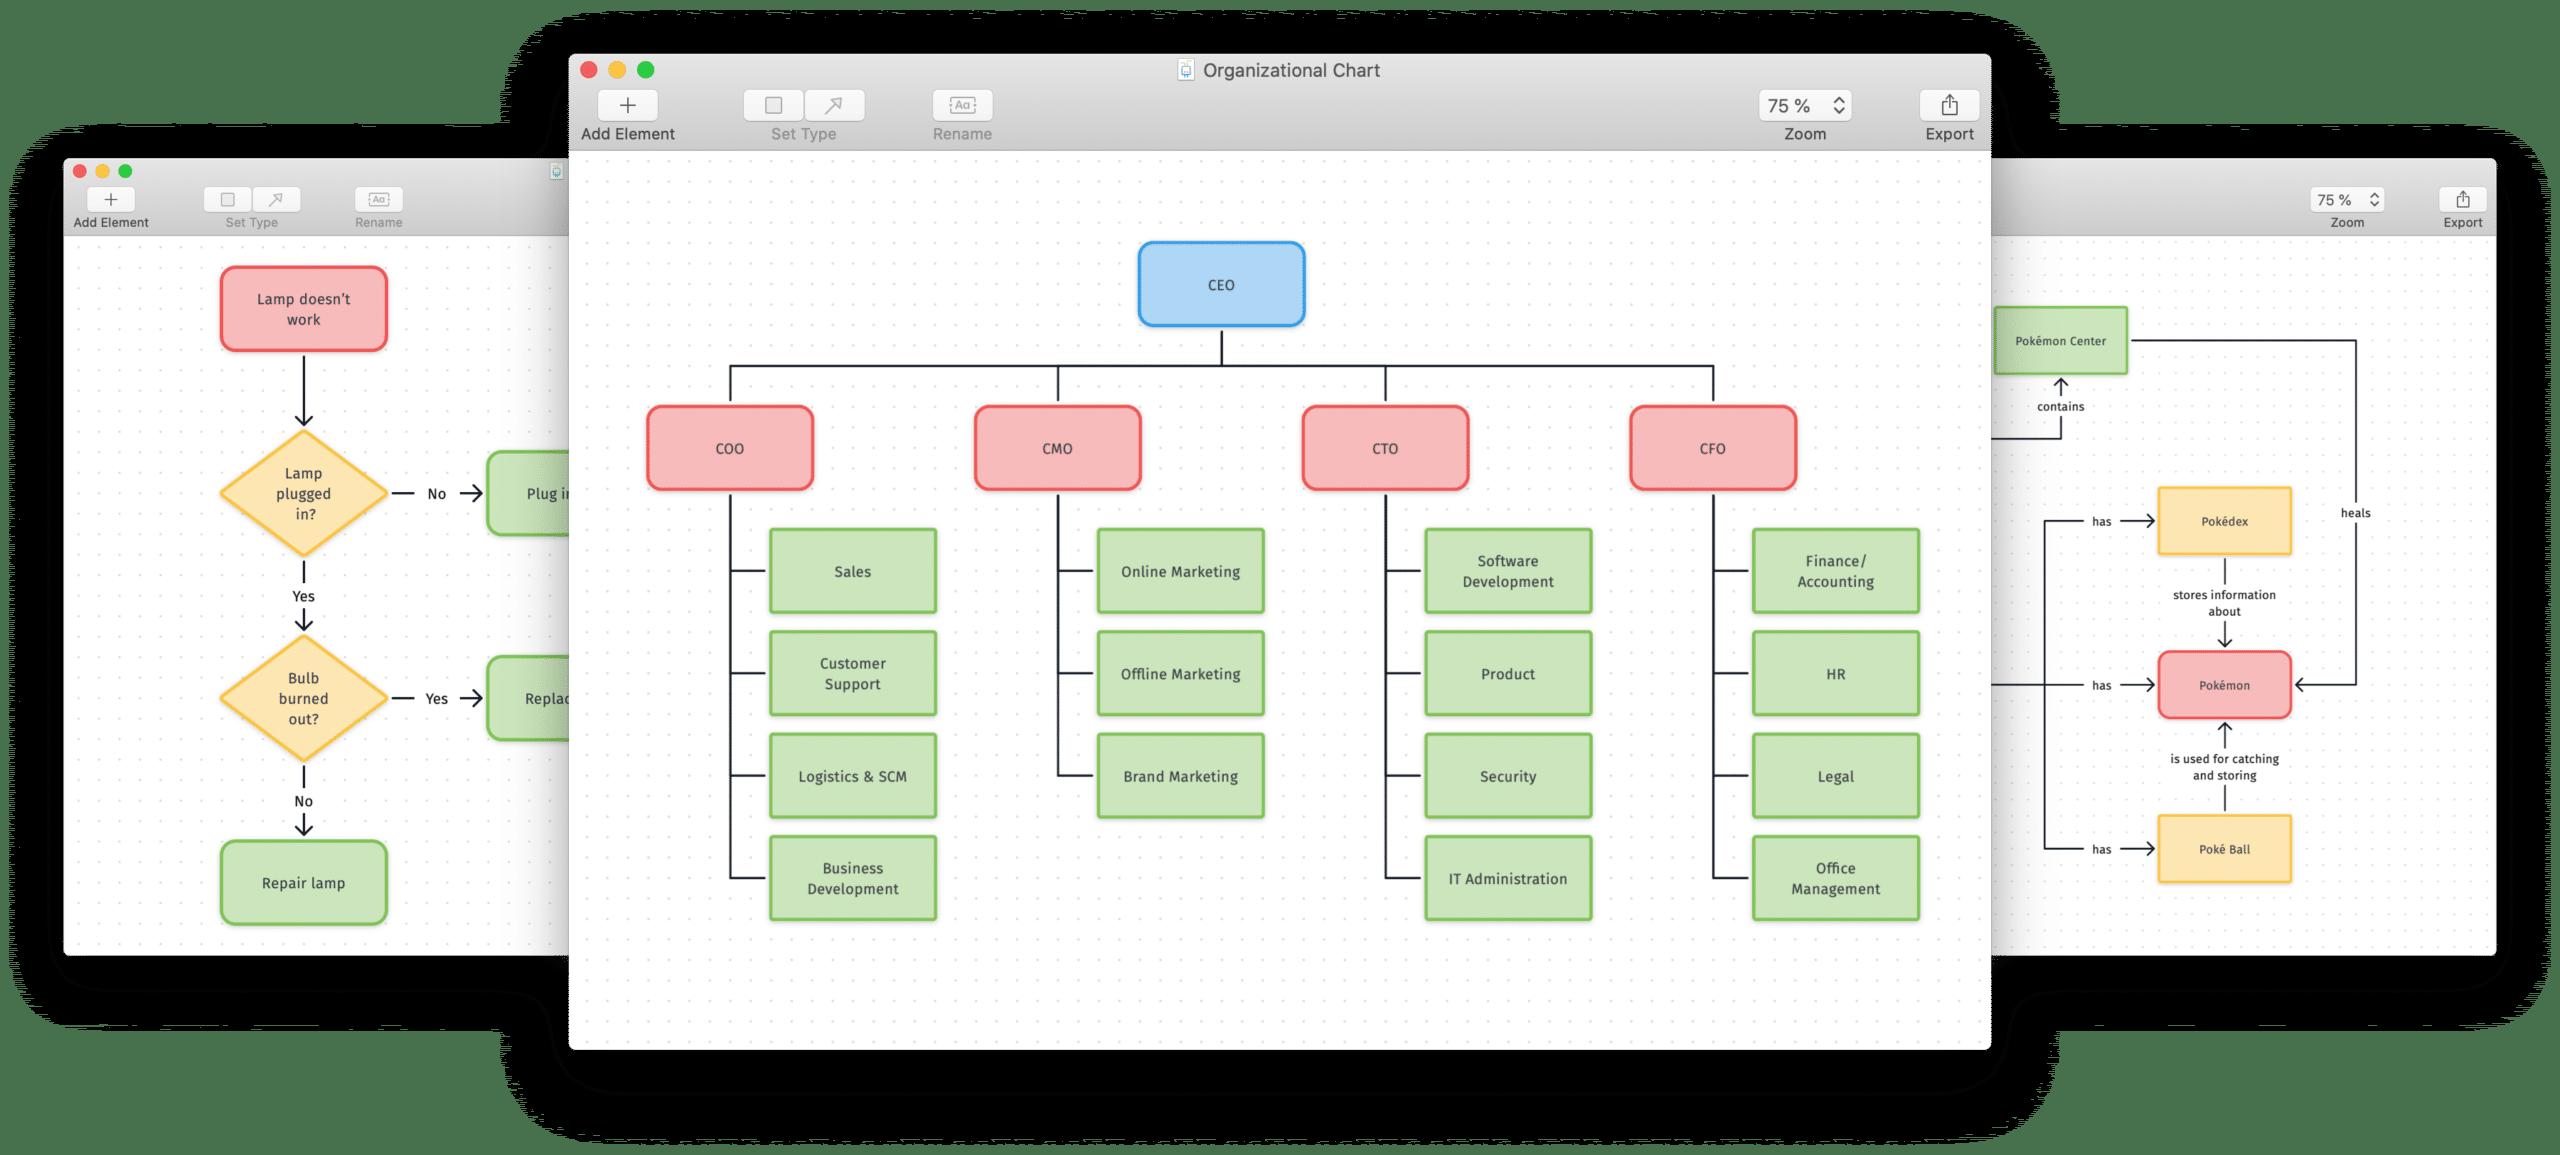 Fluxogramas do Diagrams